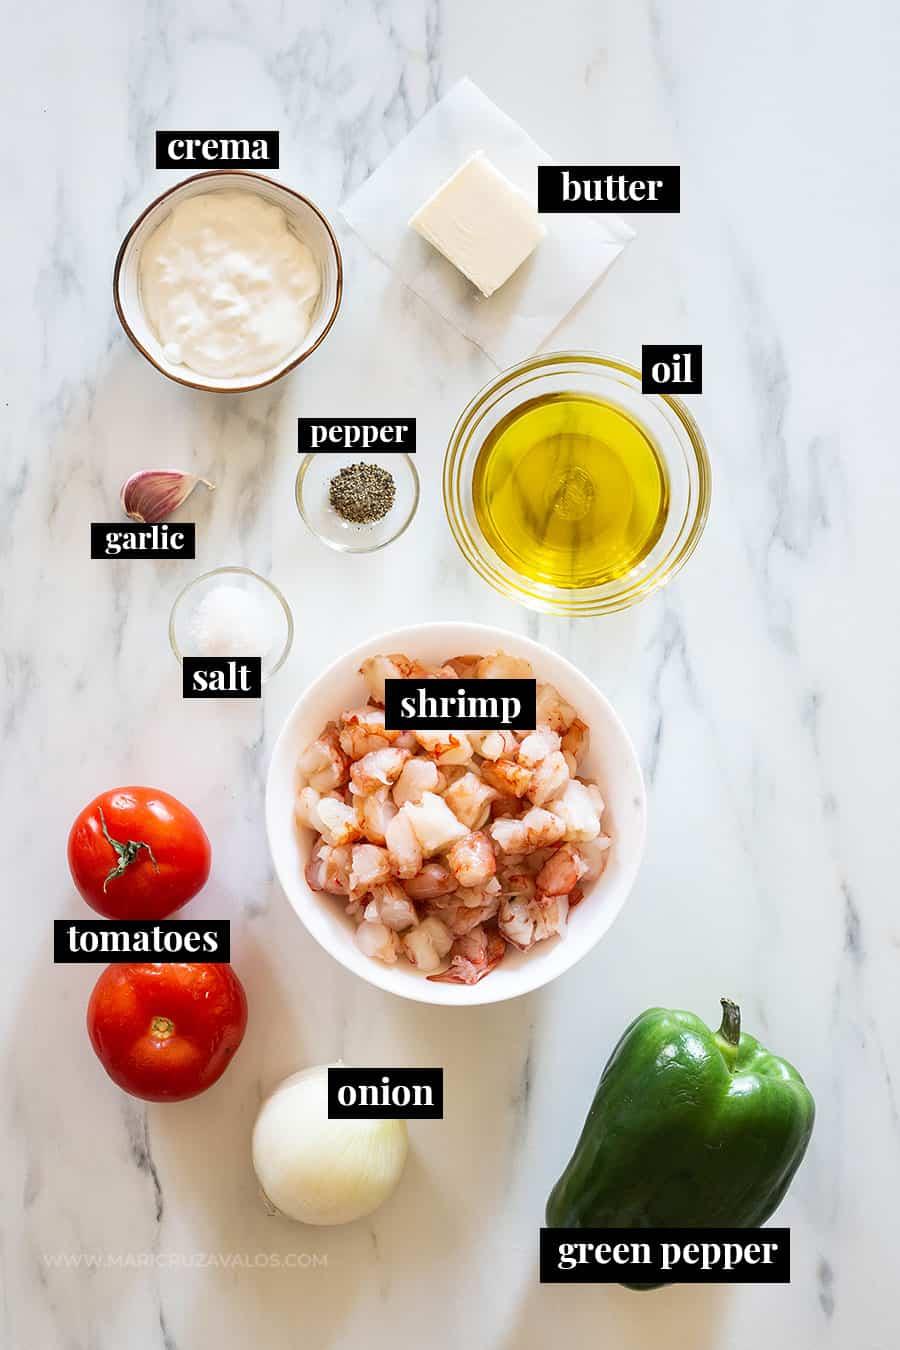 Ingredients for shrimp filling for tacos gobernador.